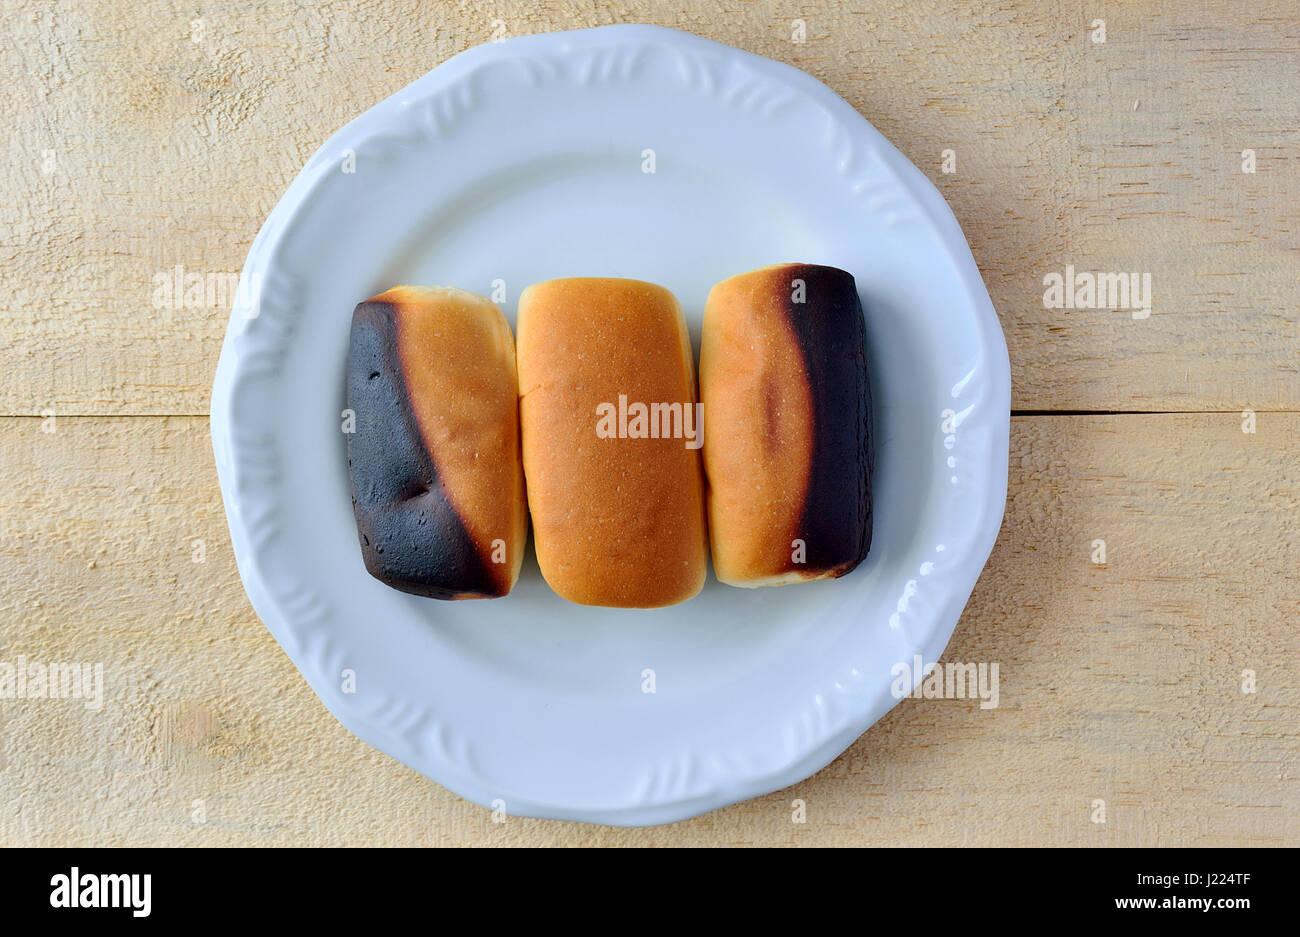 Zwei verbrannt Brot zusammen mit einem normalen Brot auf einem weißen Teller über eine hölzerne Tischplatte Stockbild